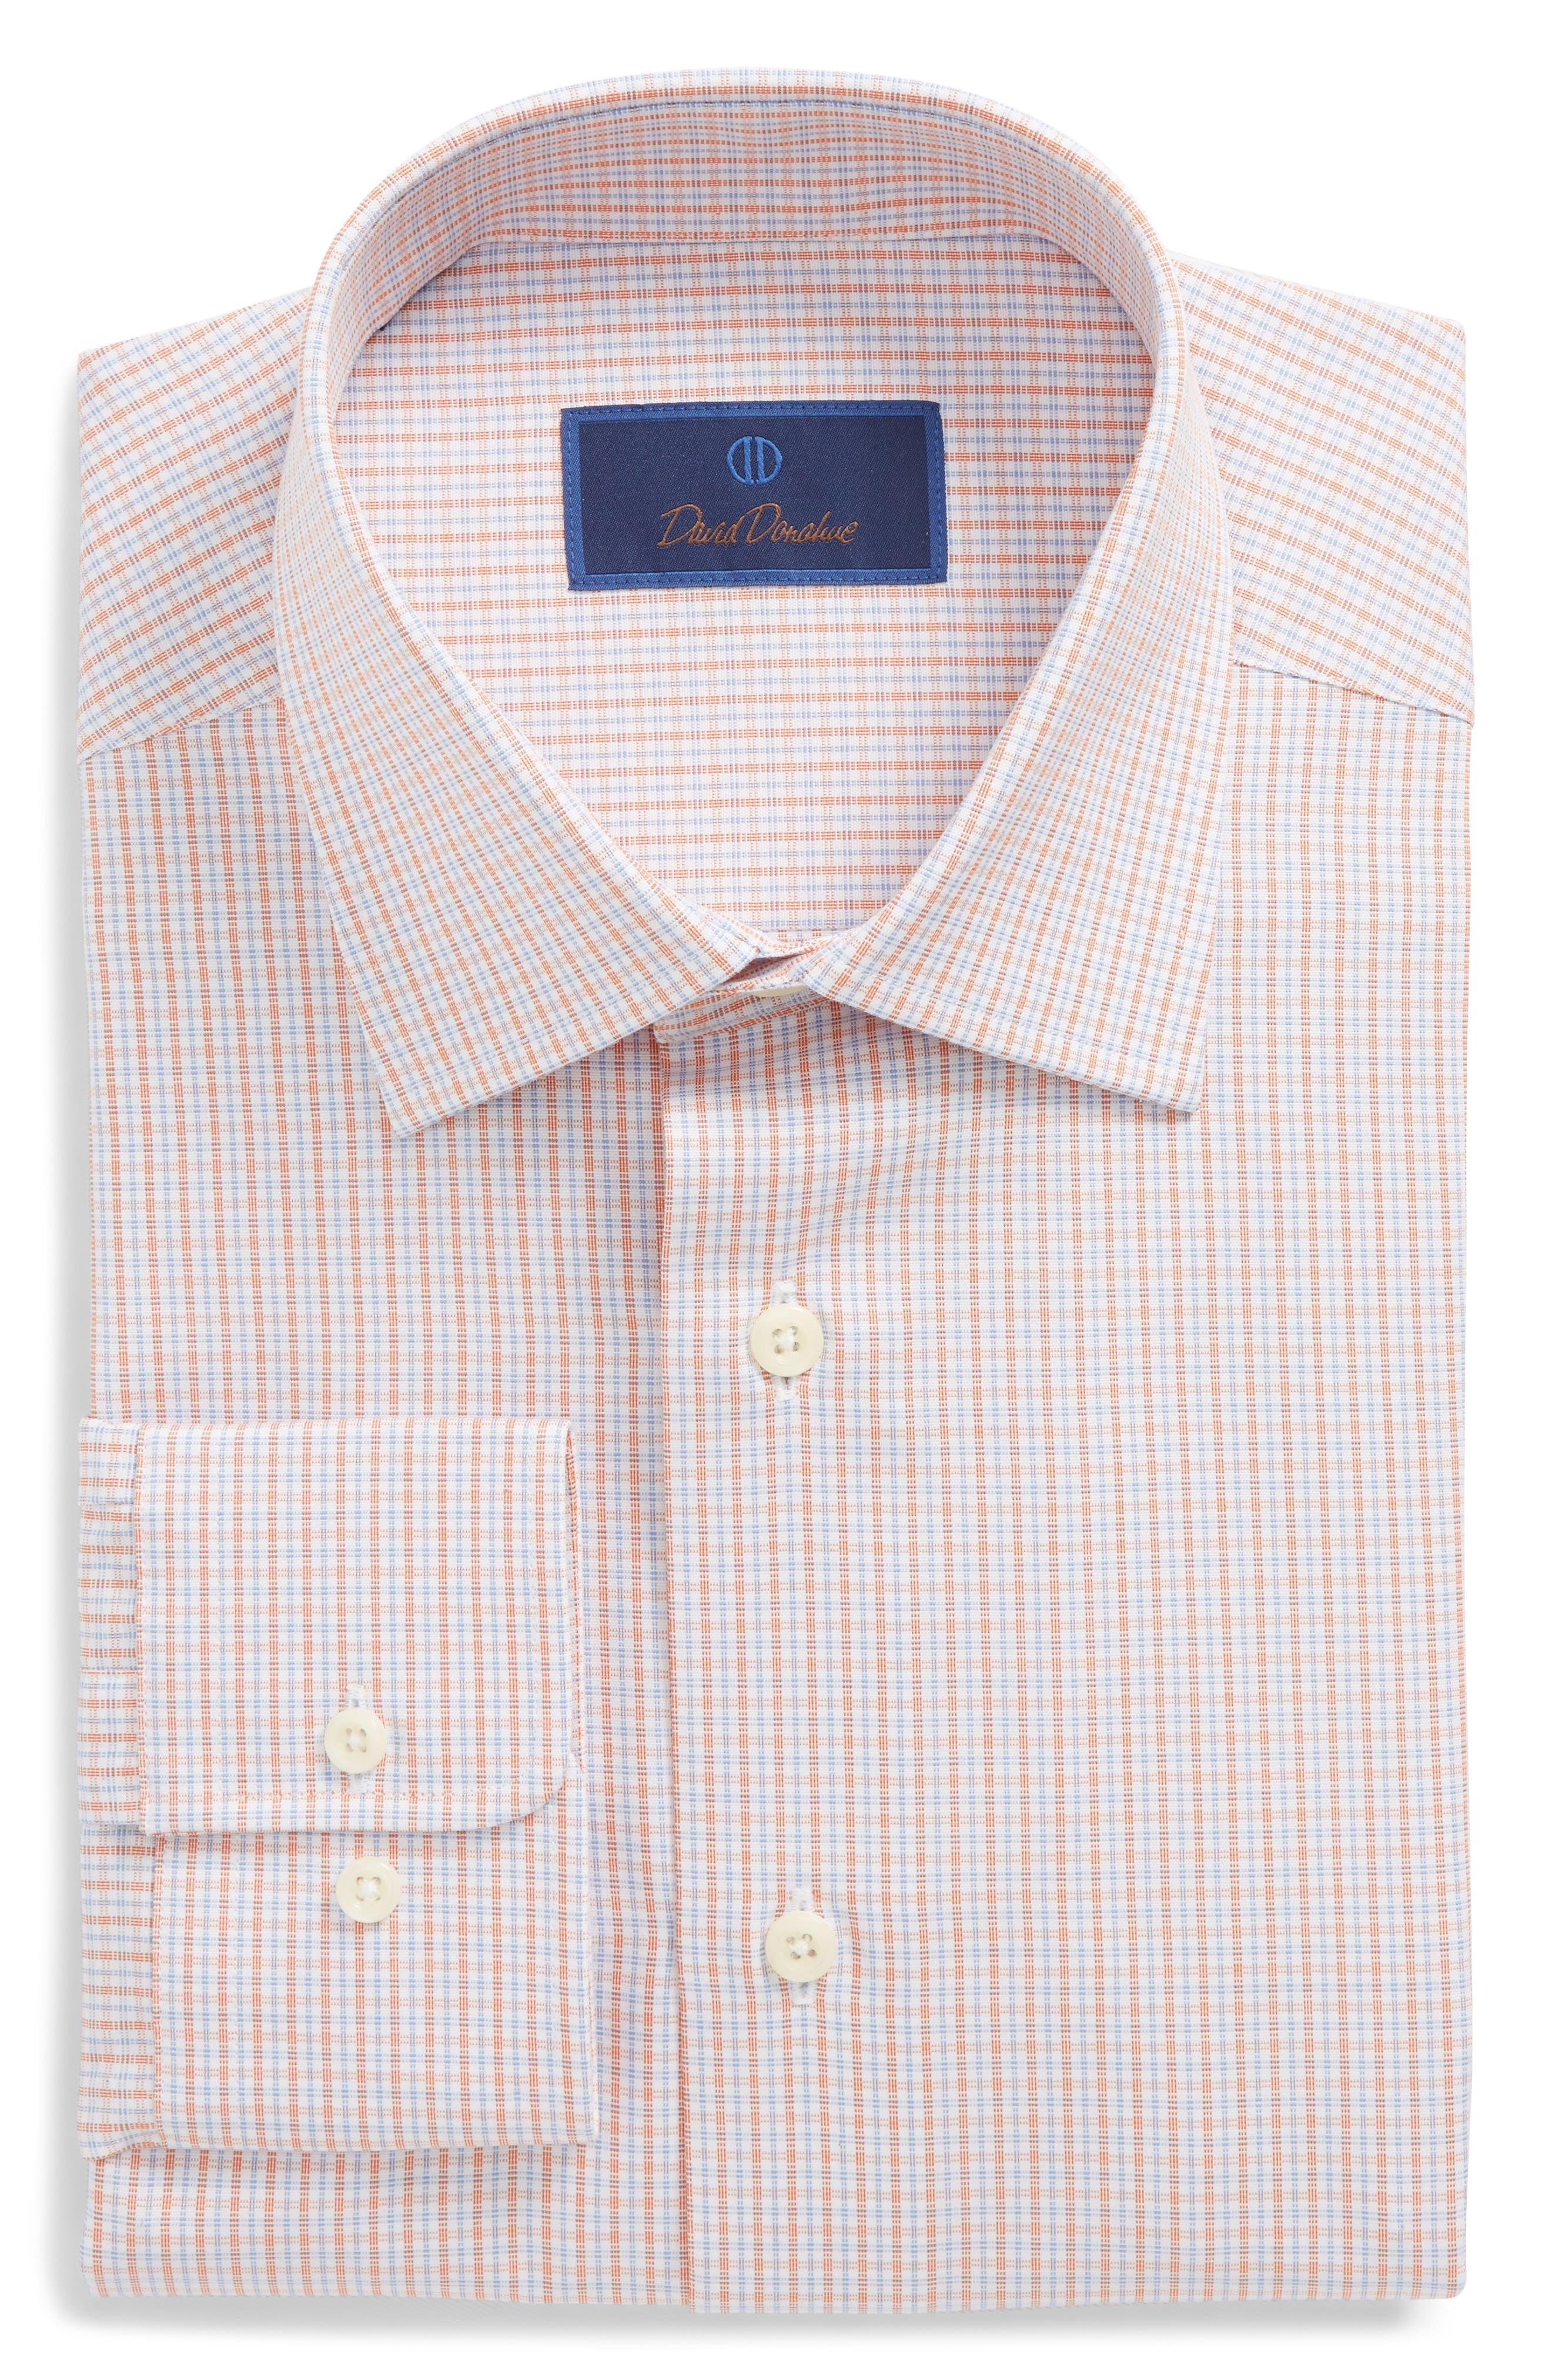 Regular Fit Check Dress Shirt,                             Main thumbnail 1, color,                             830